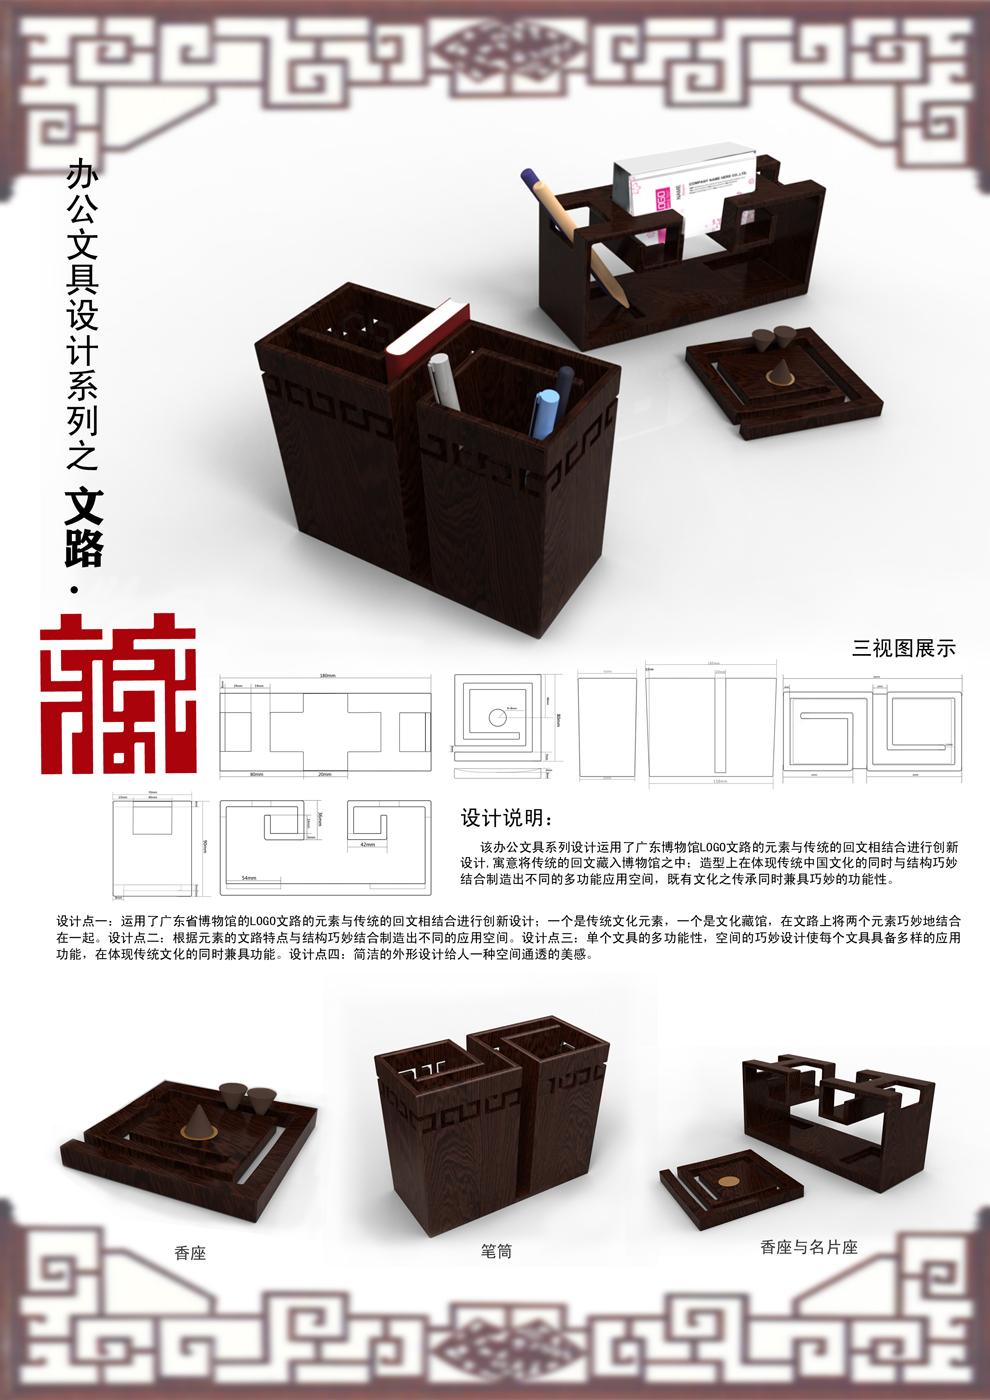 首届广东省博物馆文化产品创意设计大赛入围设计作品公示图片